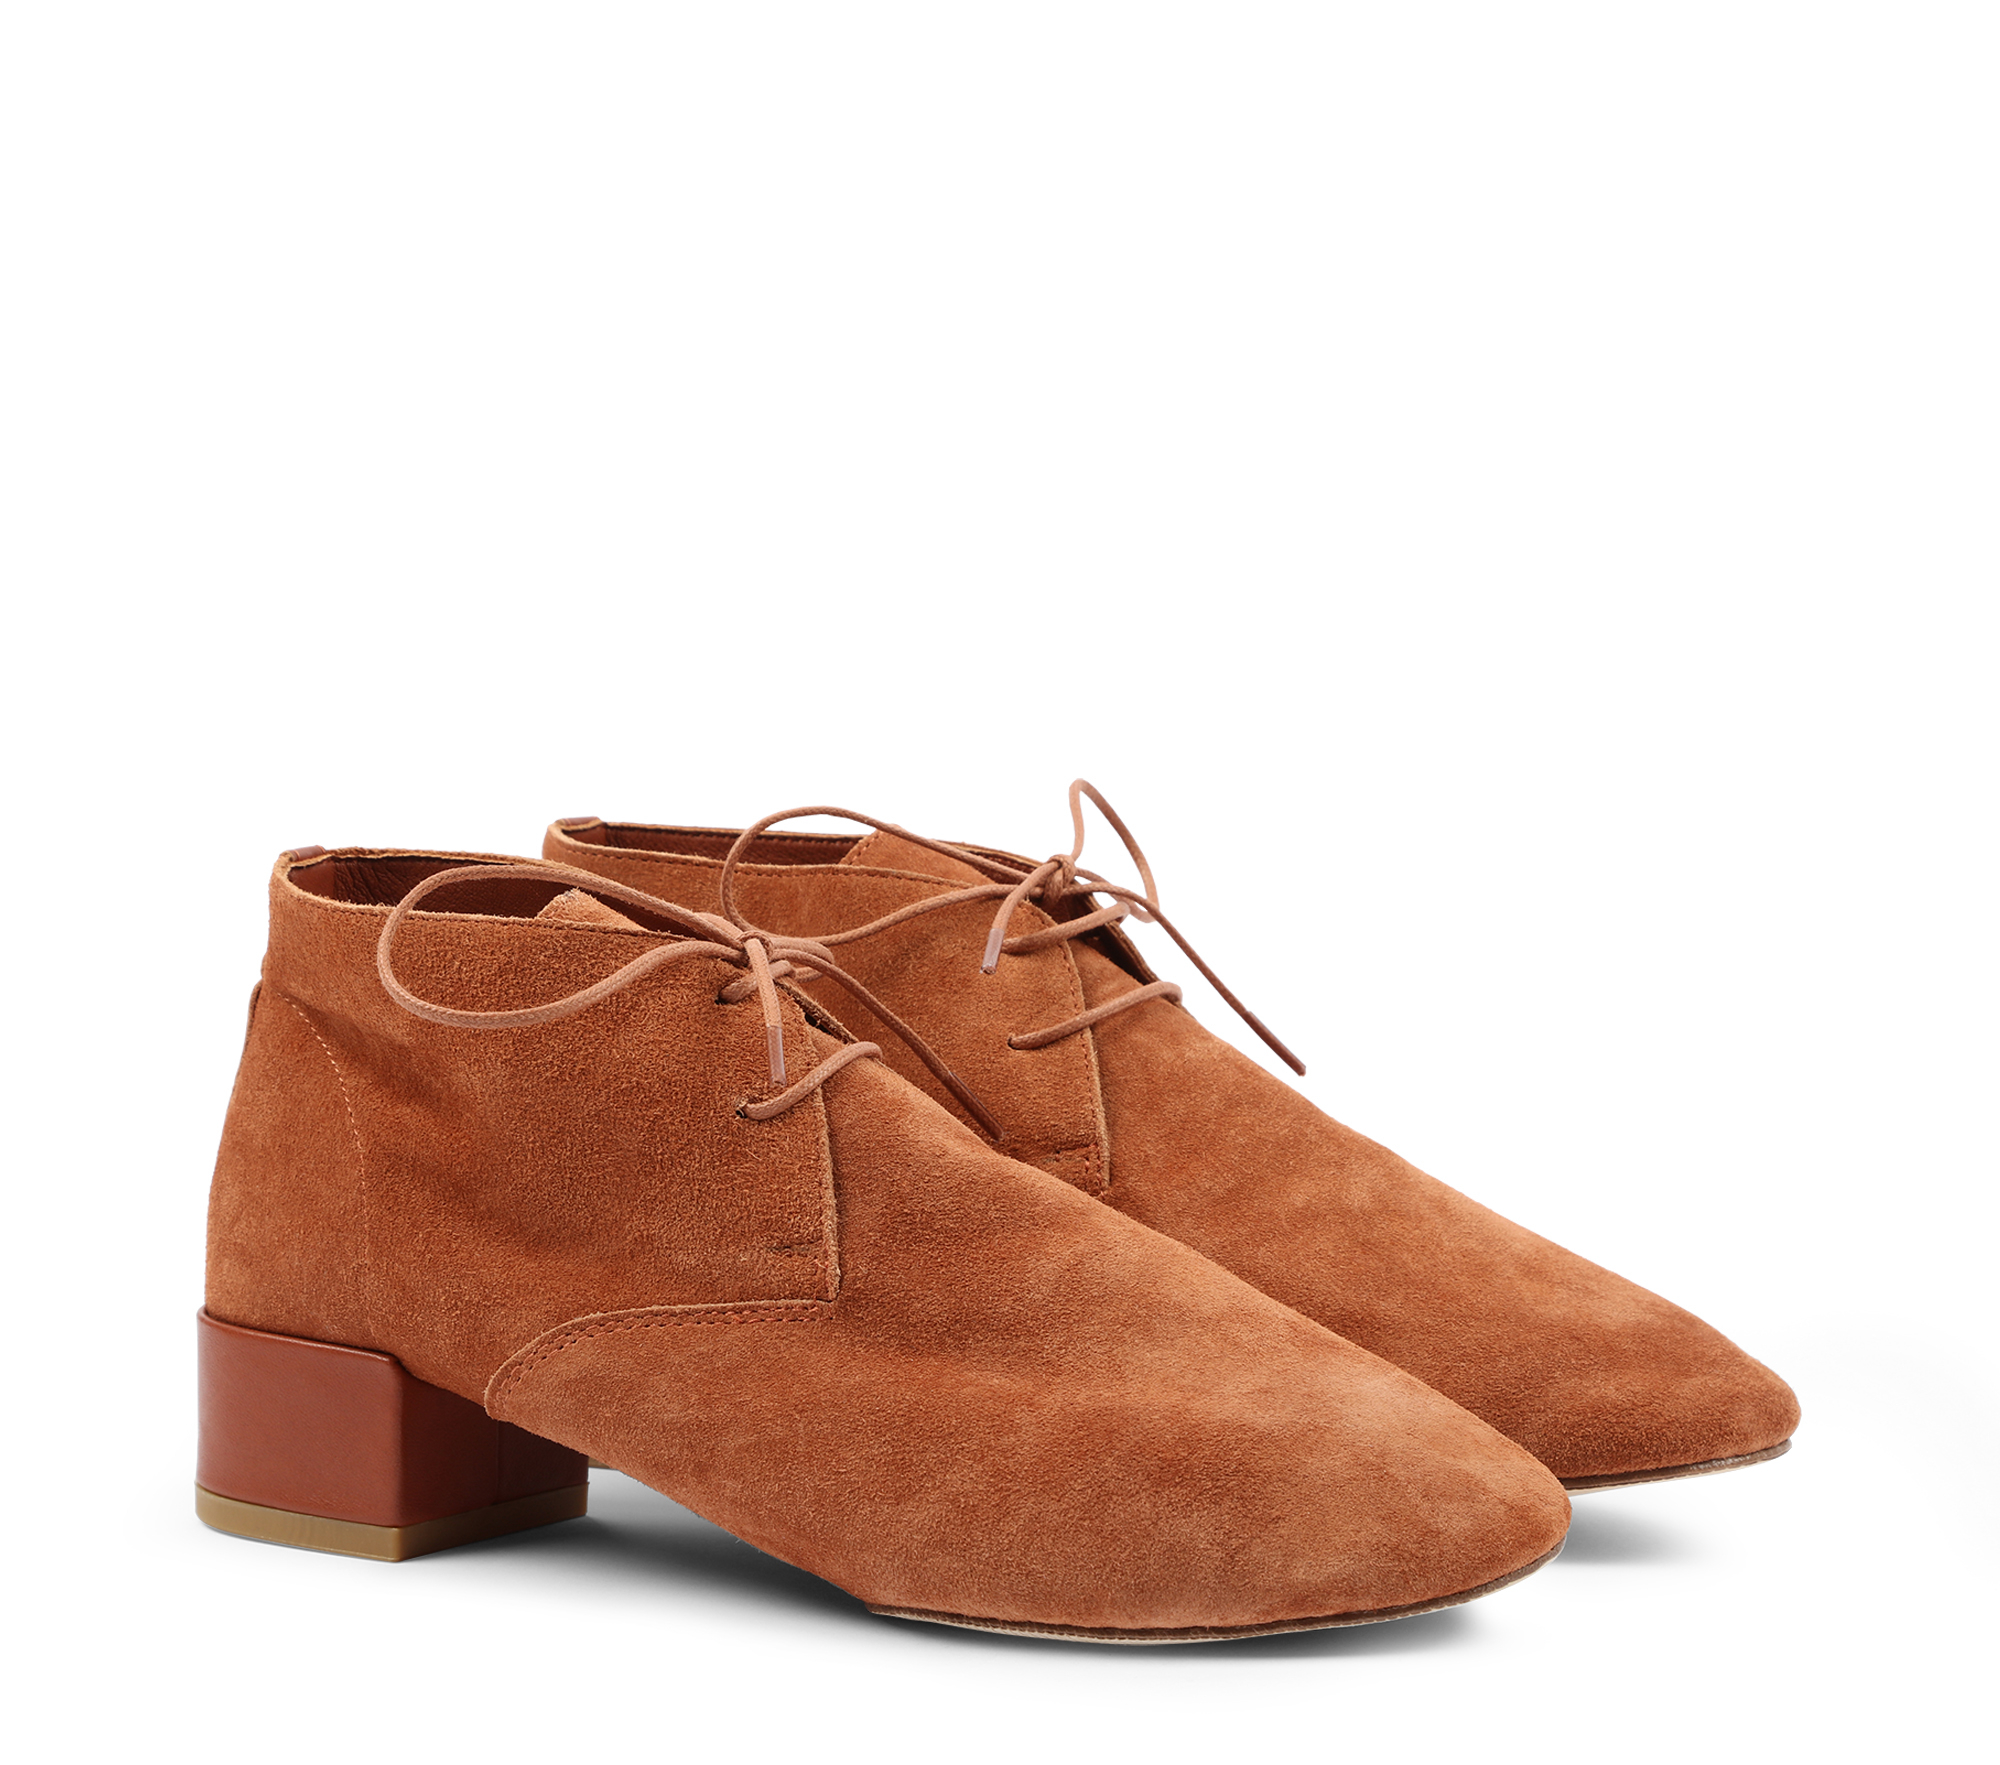 Ivan boots